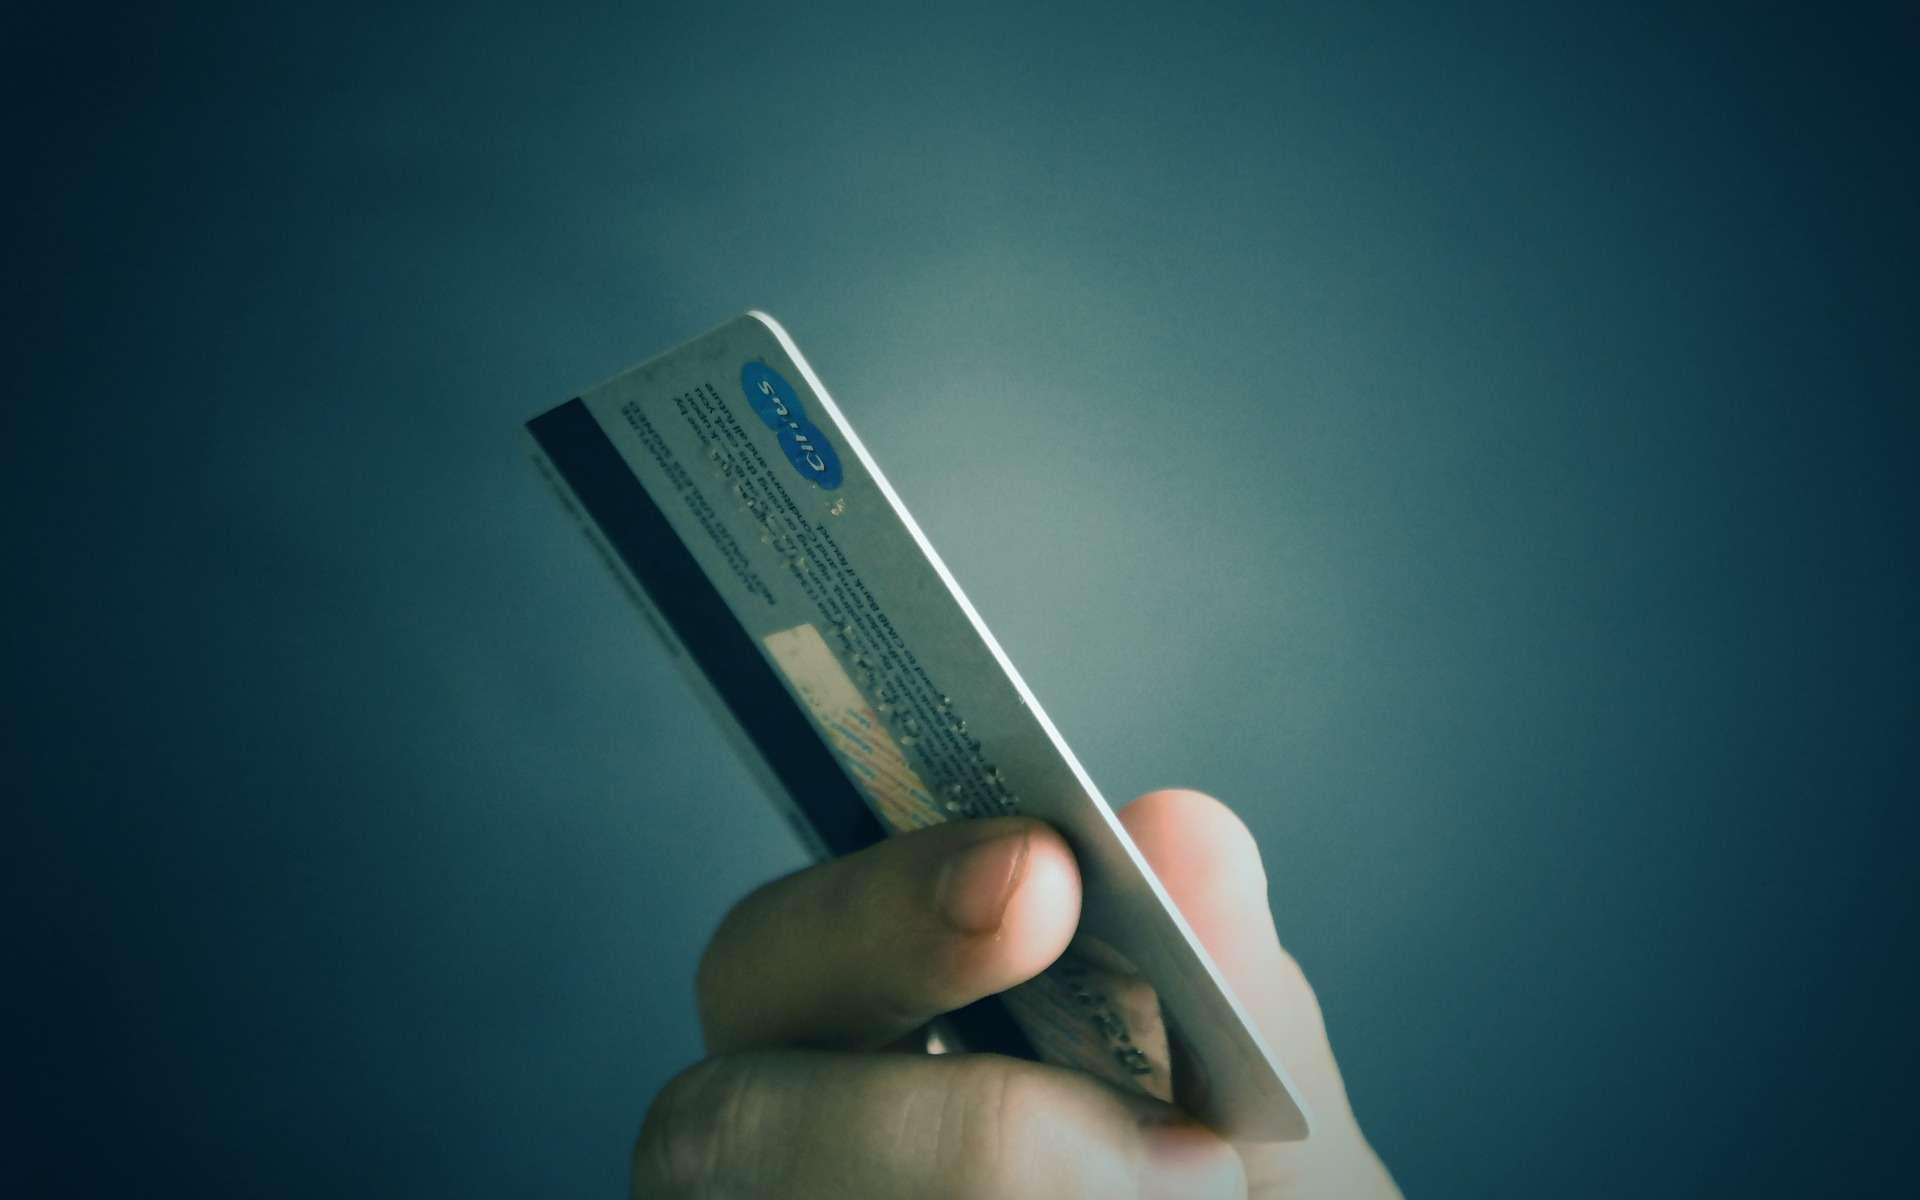 Dans des établissements qu'on fréquente souvent, Amazon propose de payer en montrant sa main © Pixabay / Mastersenaiper